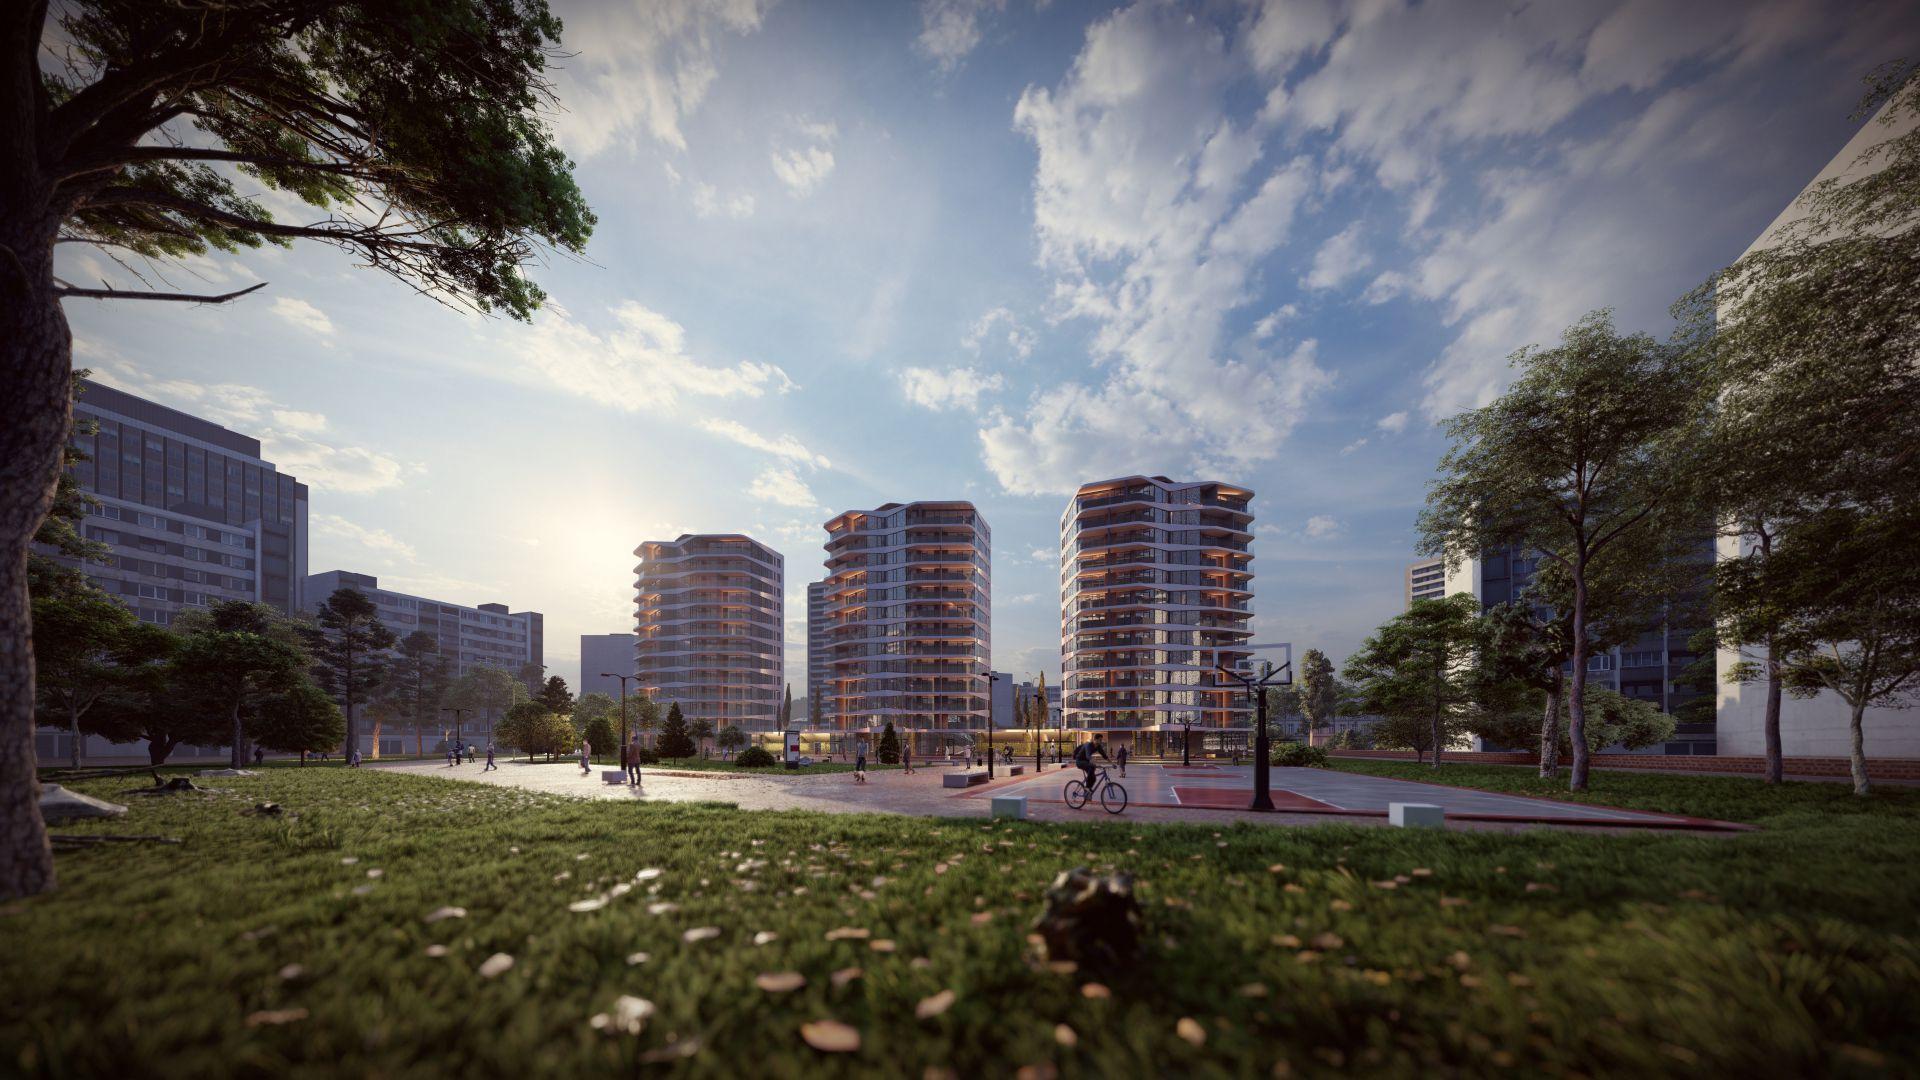 arhitektuurne 3d visualiseerimine skyline 4 6